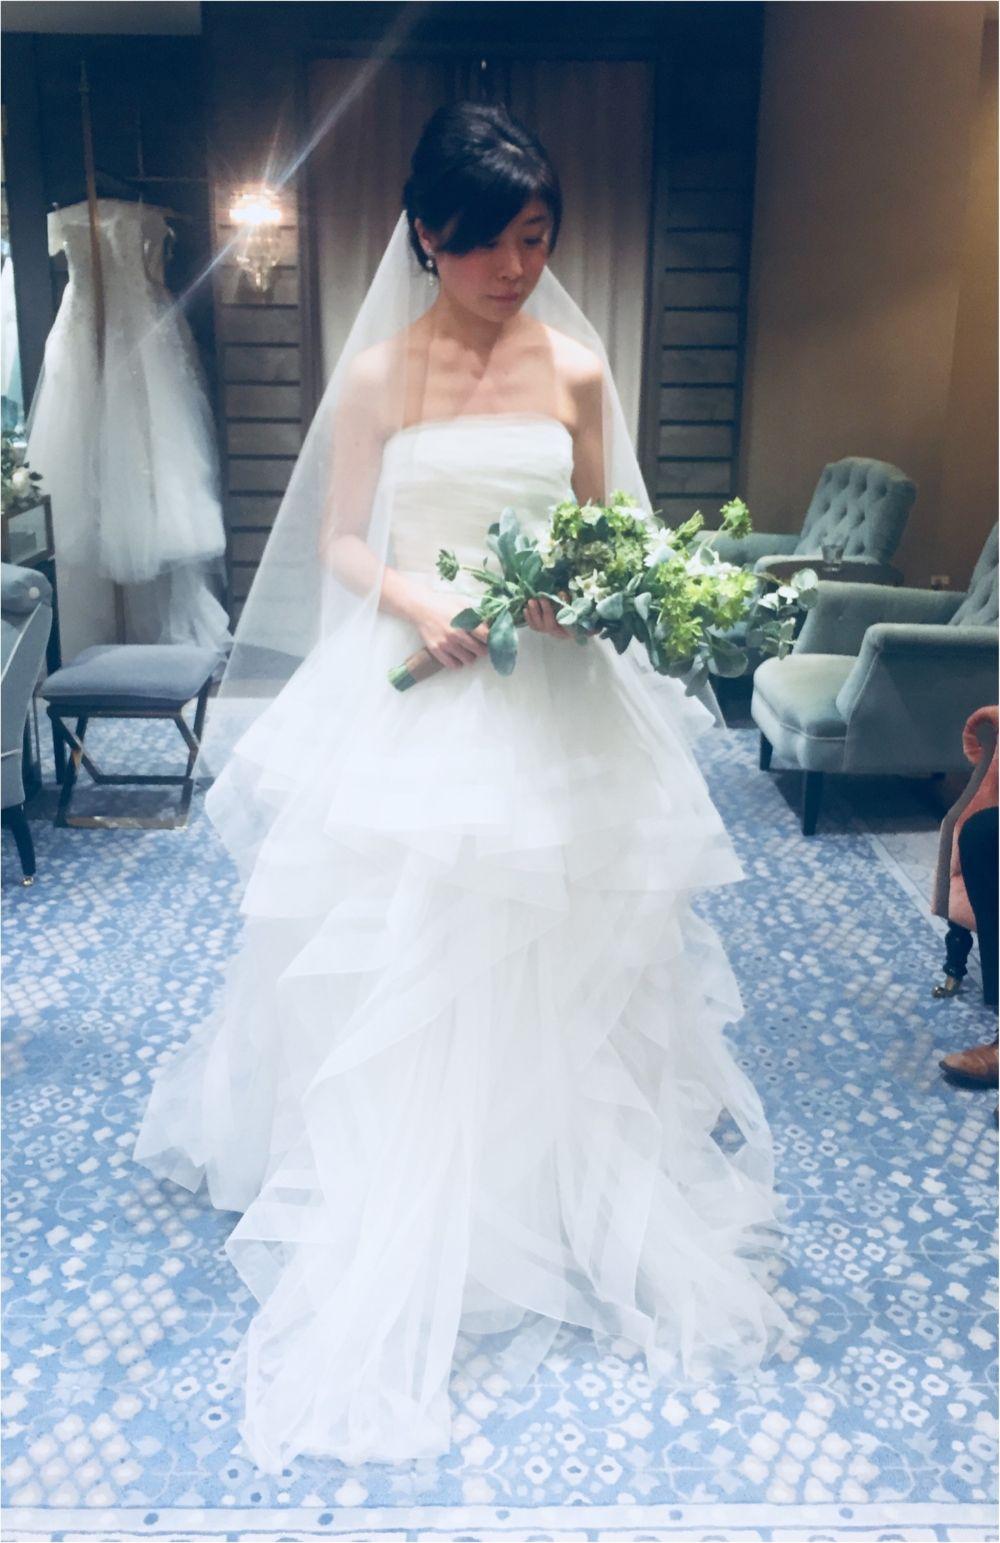 卒花さんに聞く【ドレス特集】-  結婚式・二次会におすすめ! プレ花嫁さんに人気のおしゃれなウェディングドレスは?_28